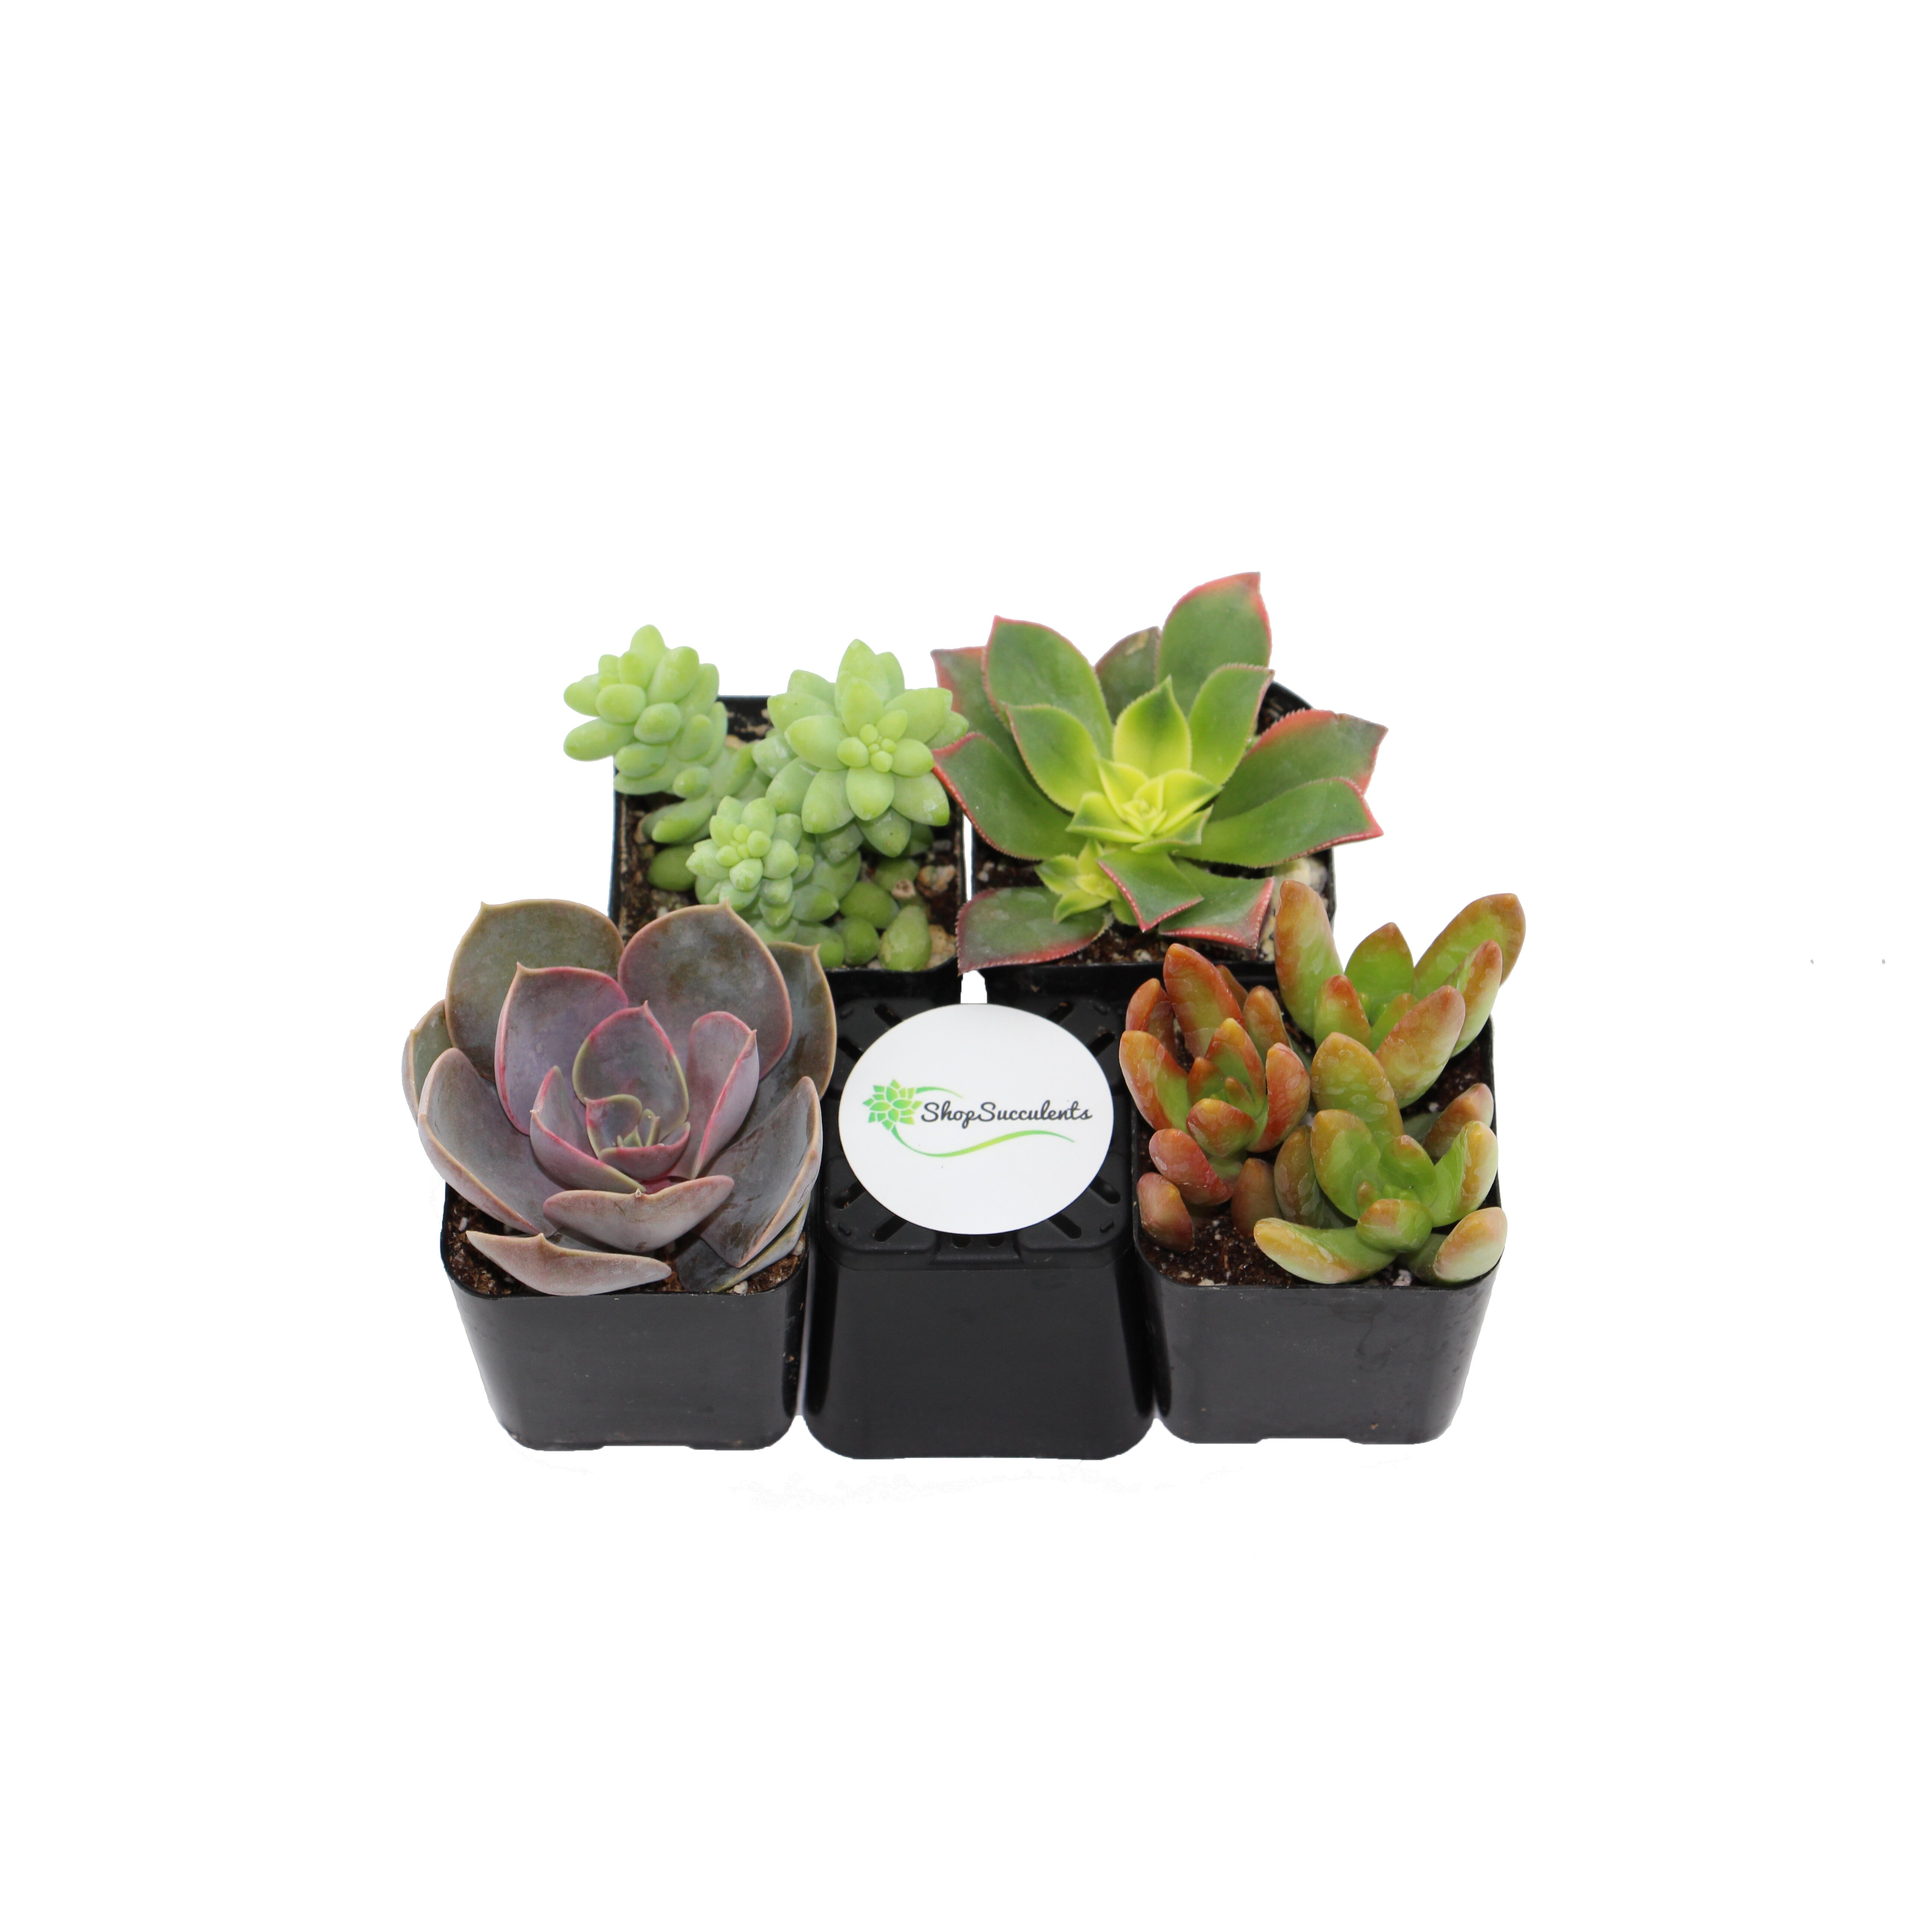 Shopsucculents 4 Pack Unique Succulent Desk Top Plant In